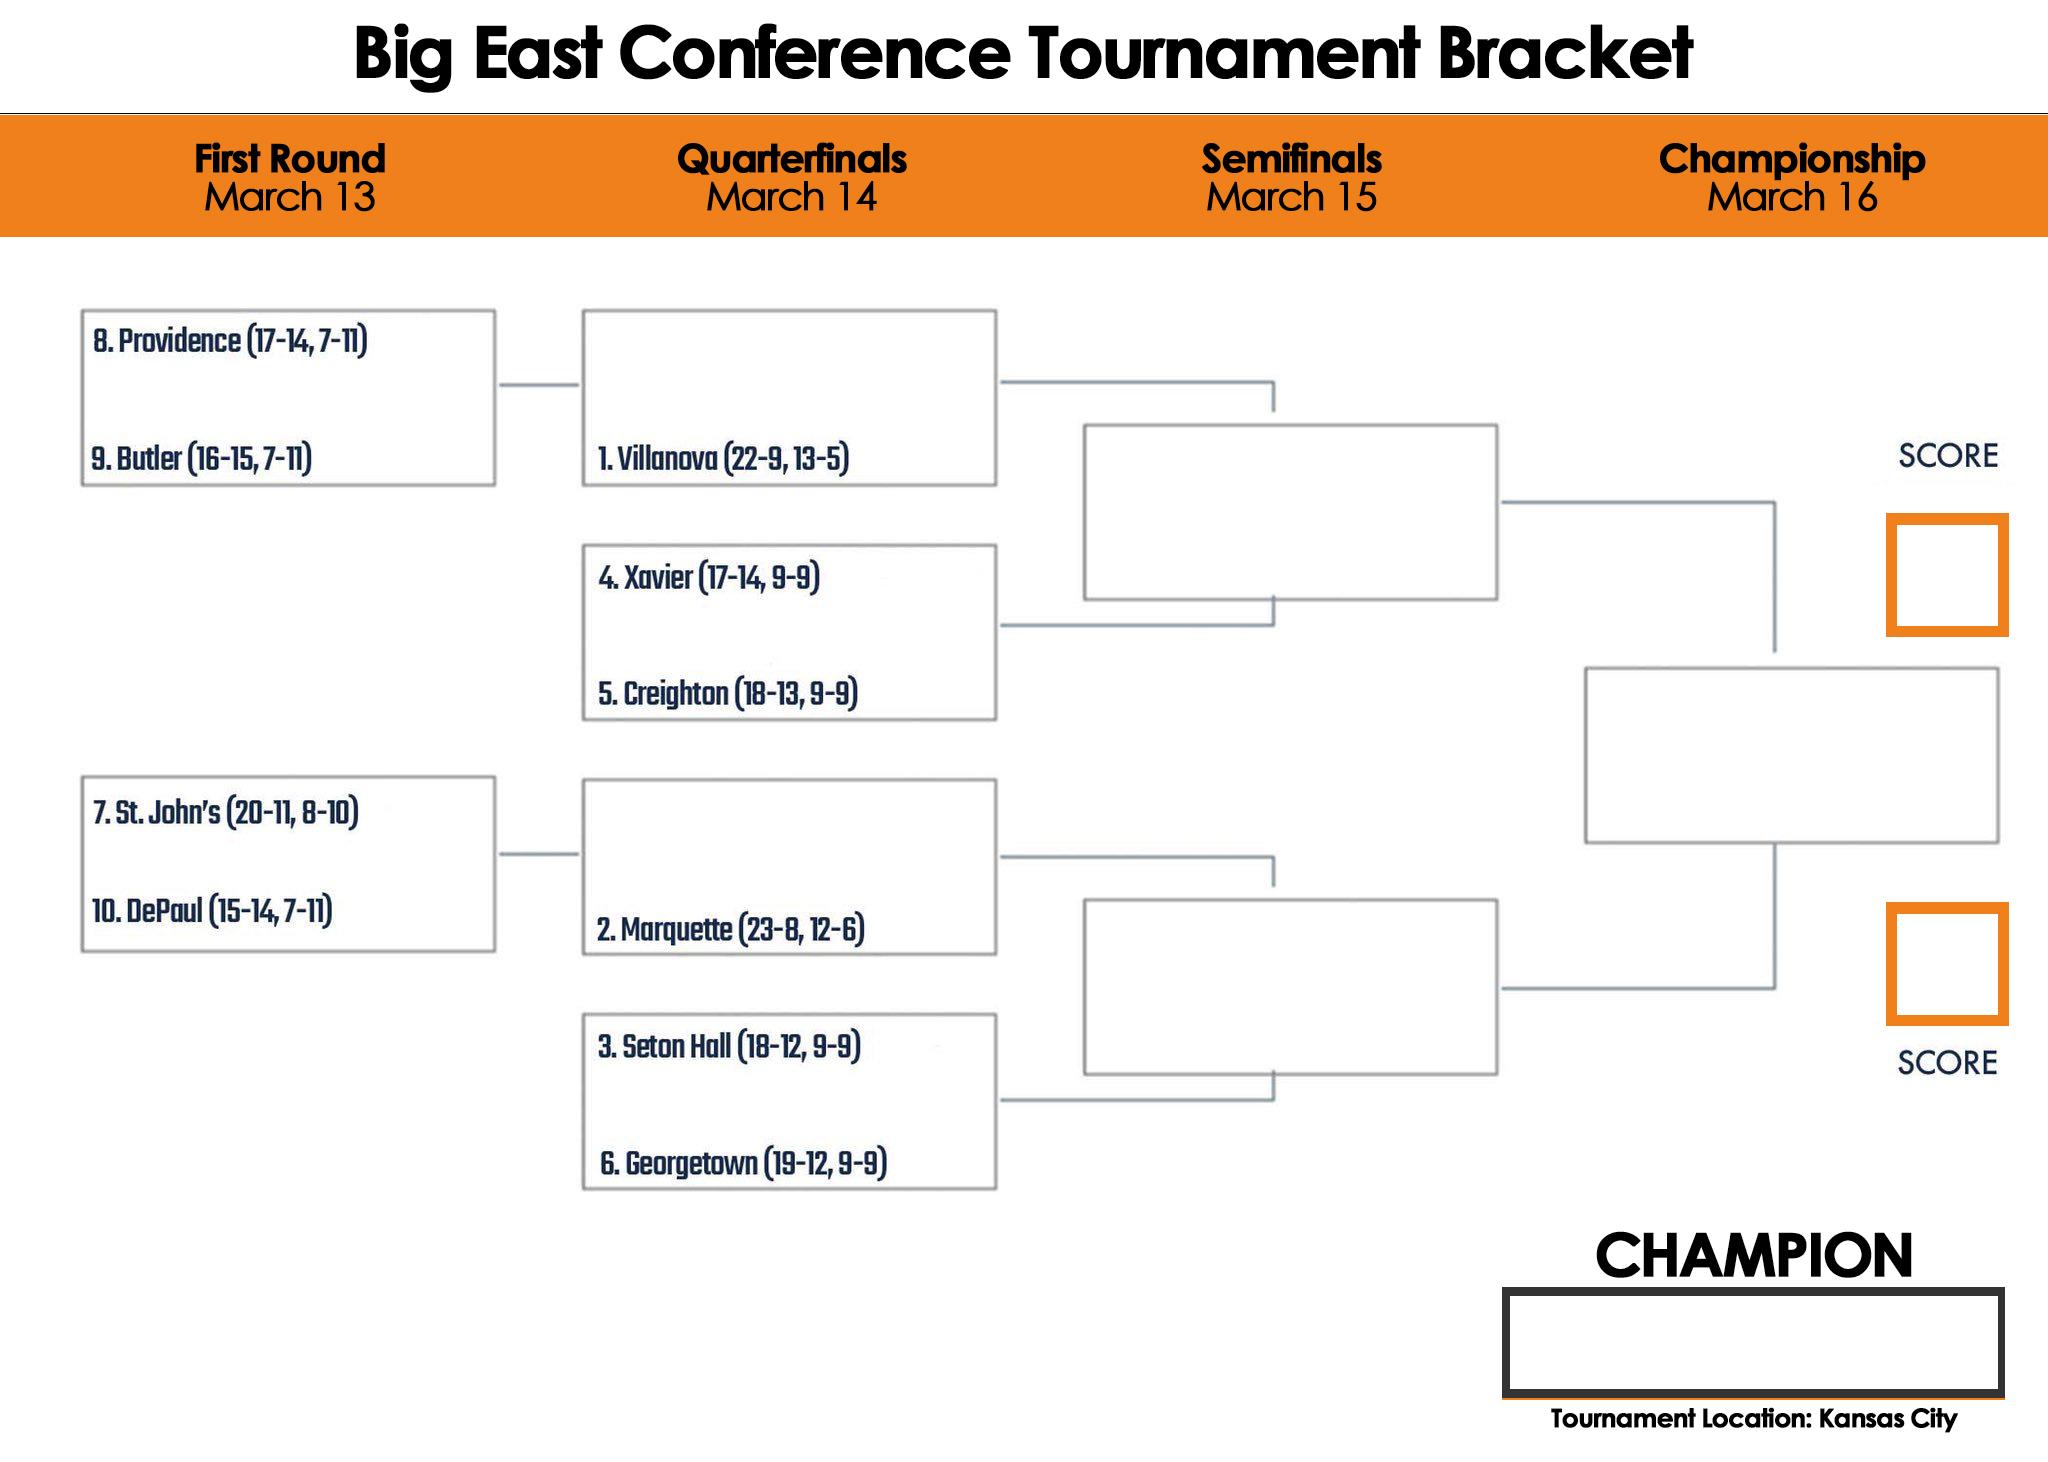 2019 Big East Conference Championship Bracket